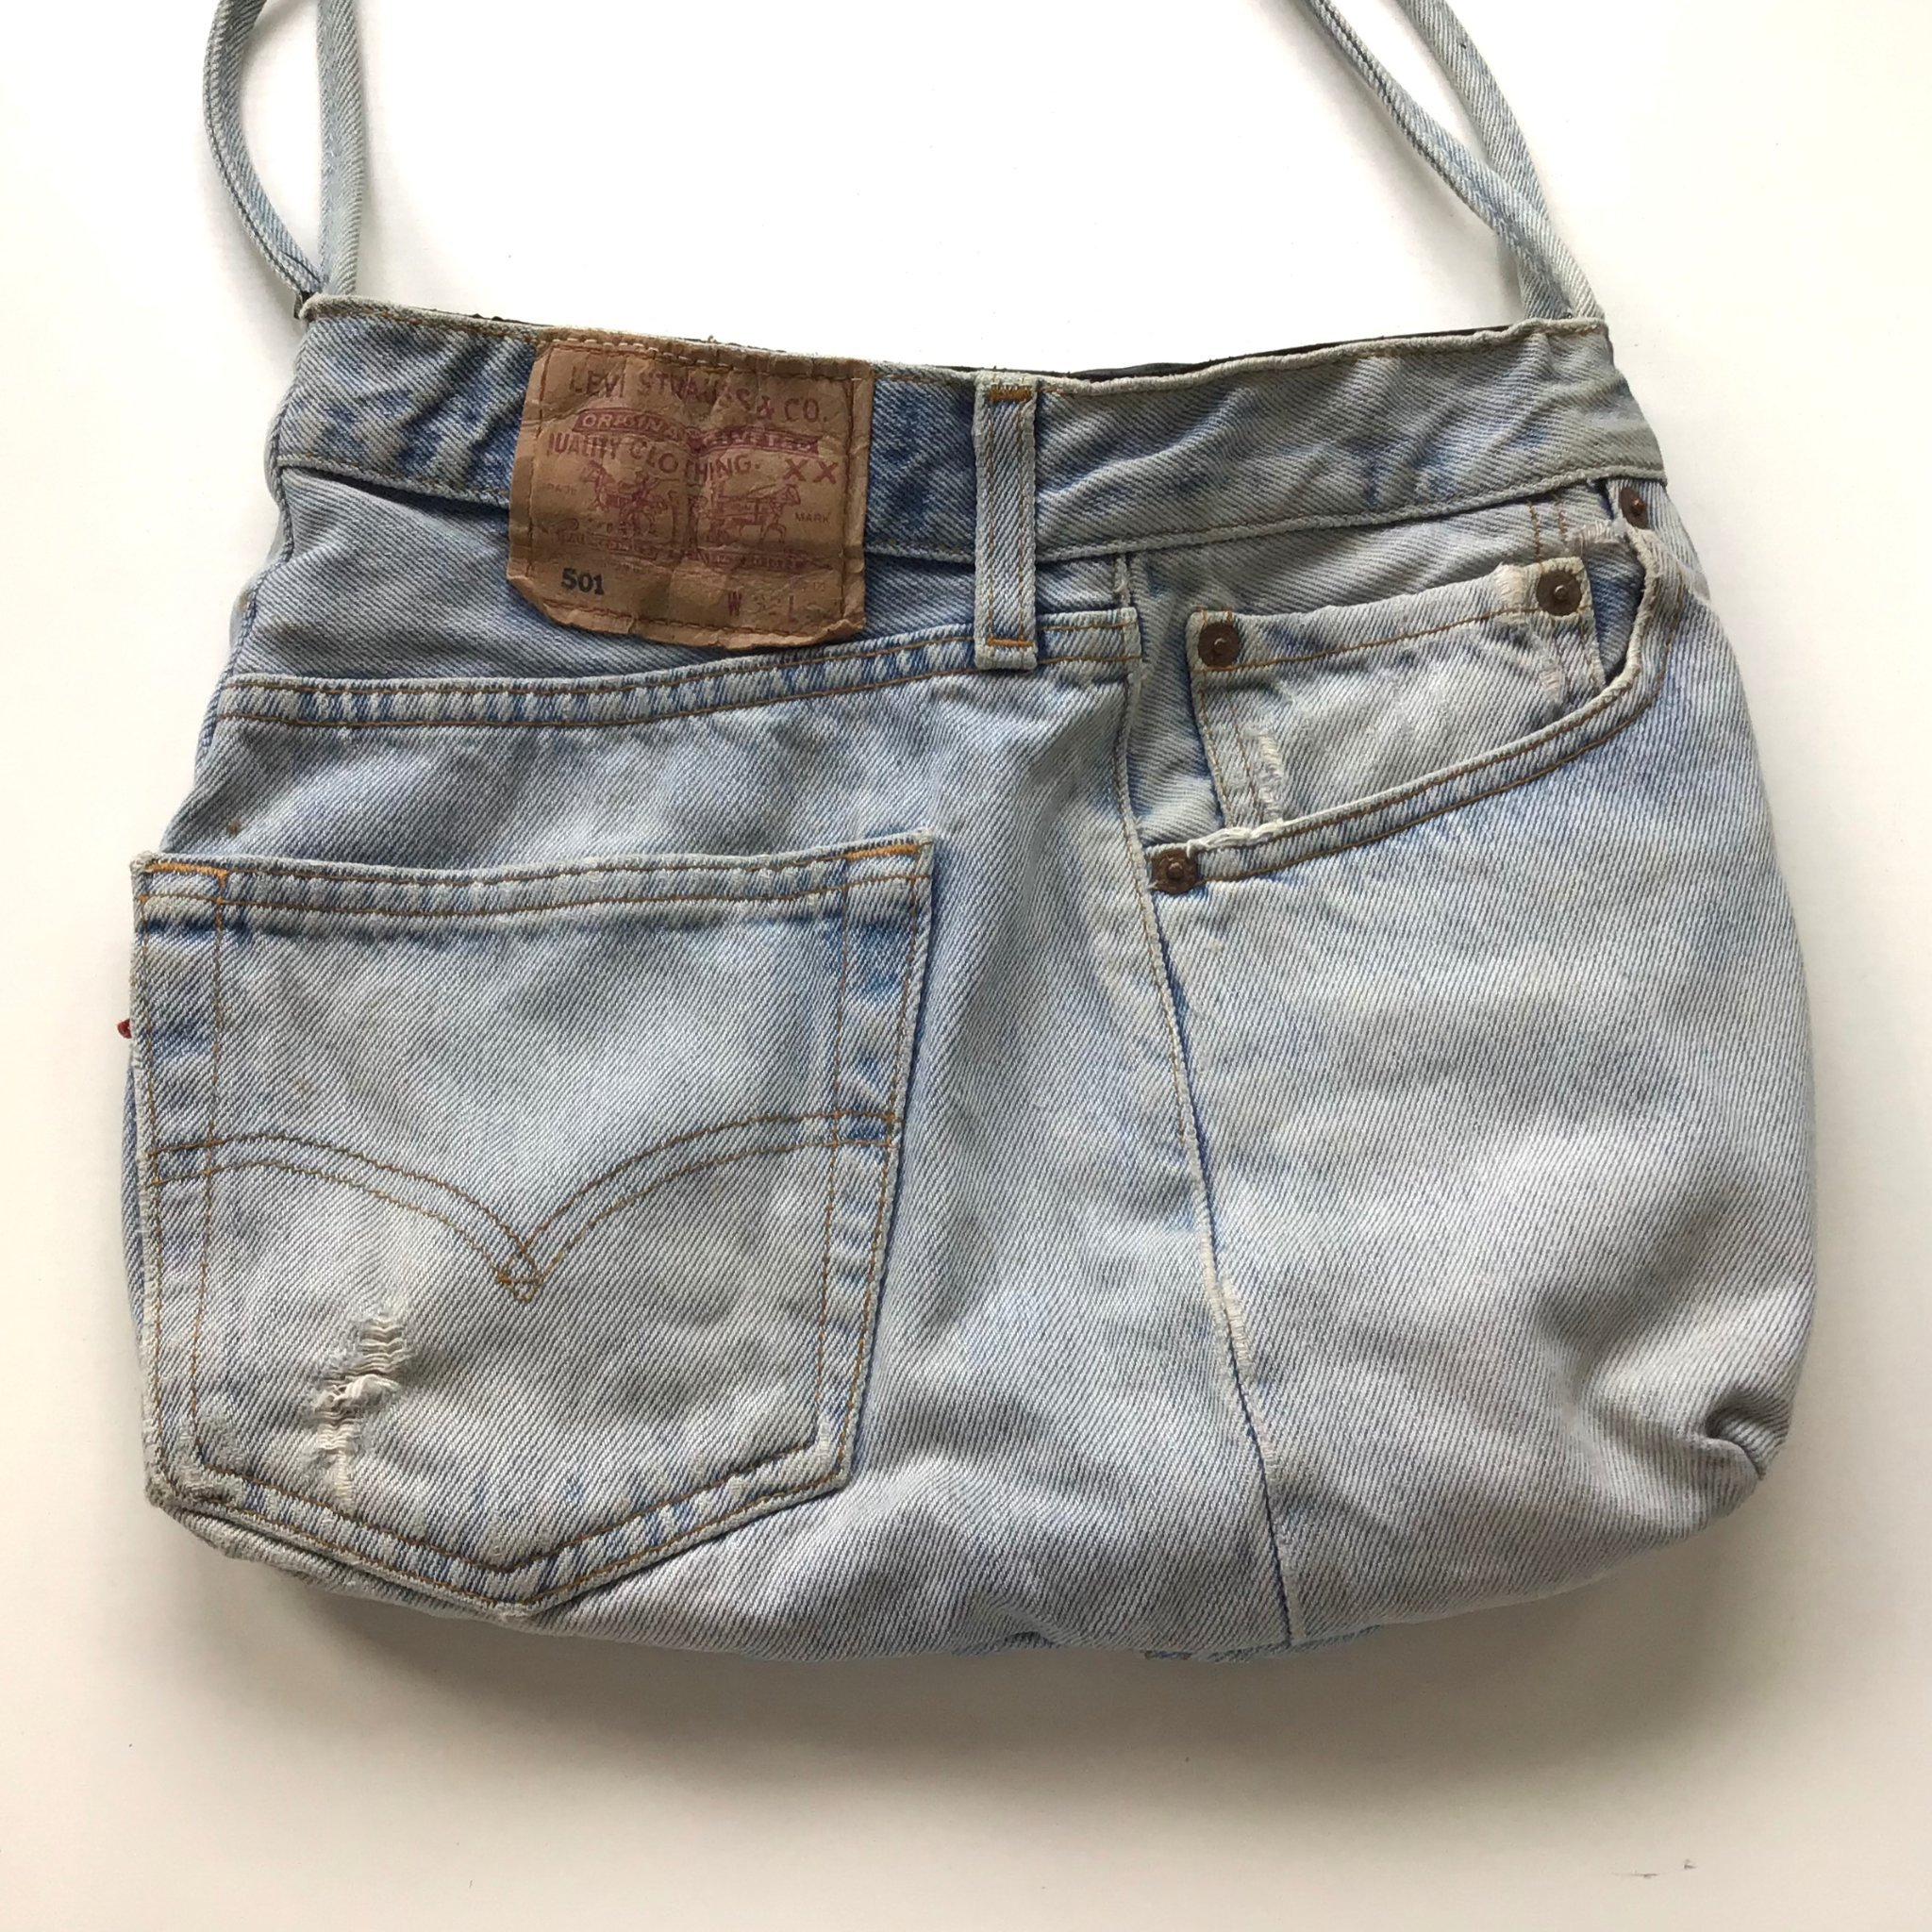 Väska av jeanstyg, återbruk, Sydd av Levis jeans, ficka, ljusblå, blå, handväska